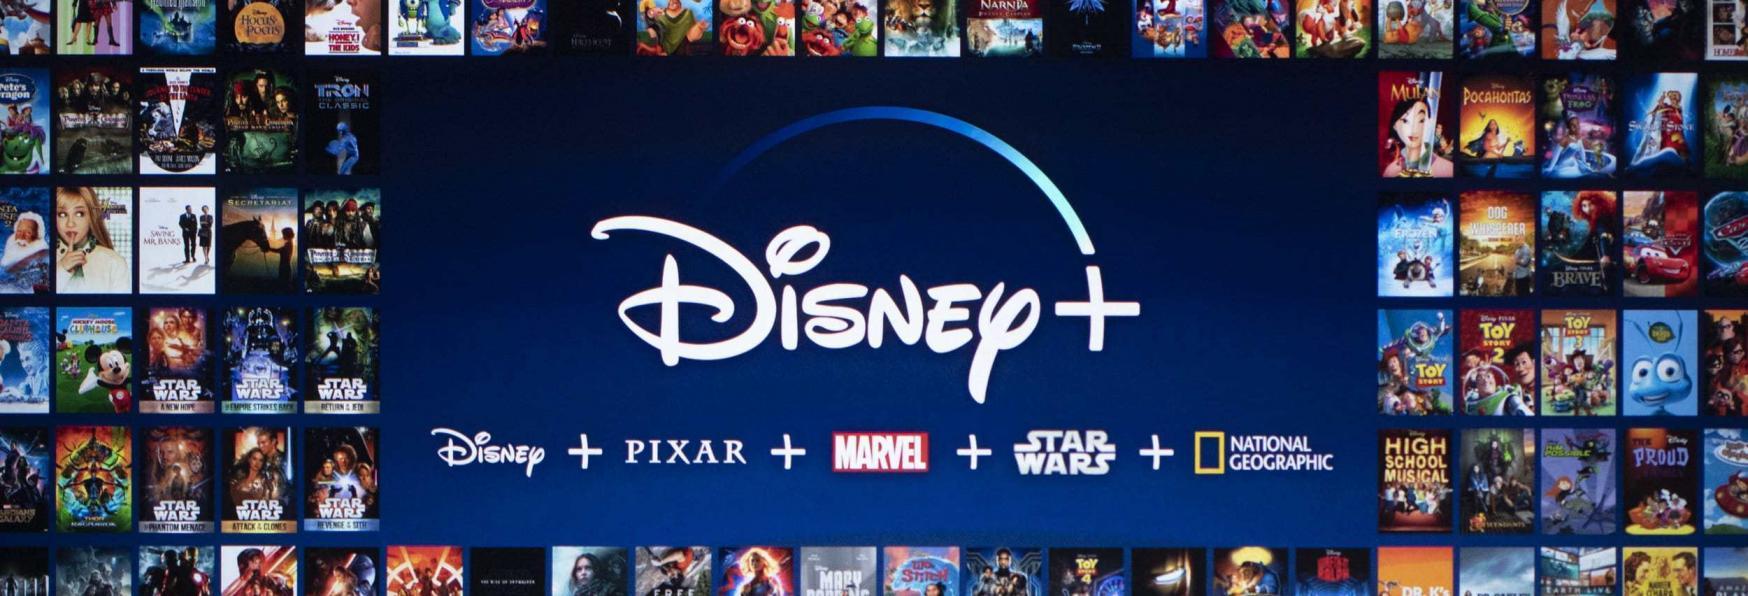 Disney+, Tutte le Serie TV e gli altri Contenuti in Uscita nel 2020